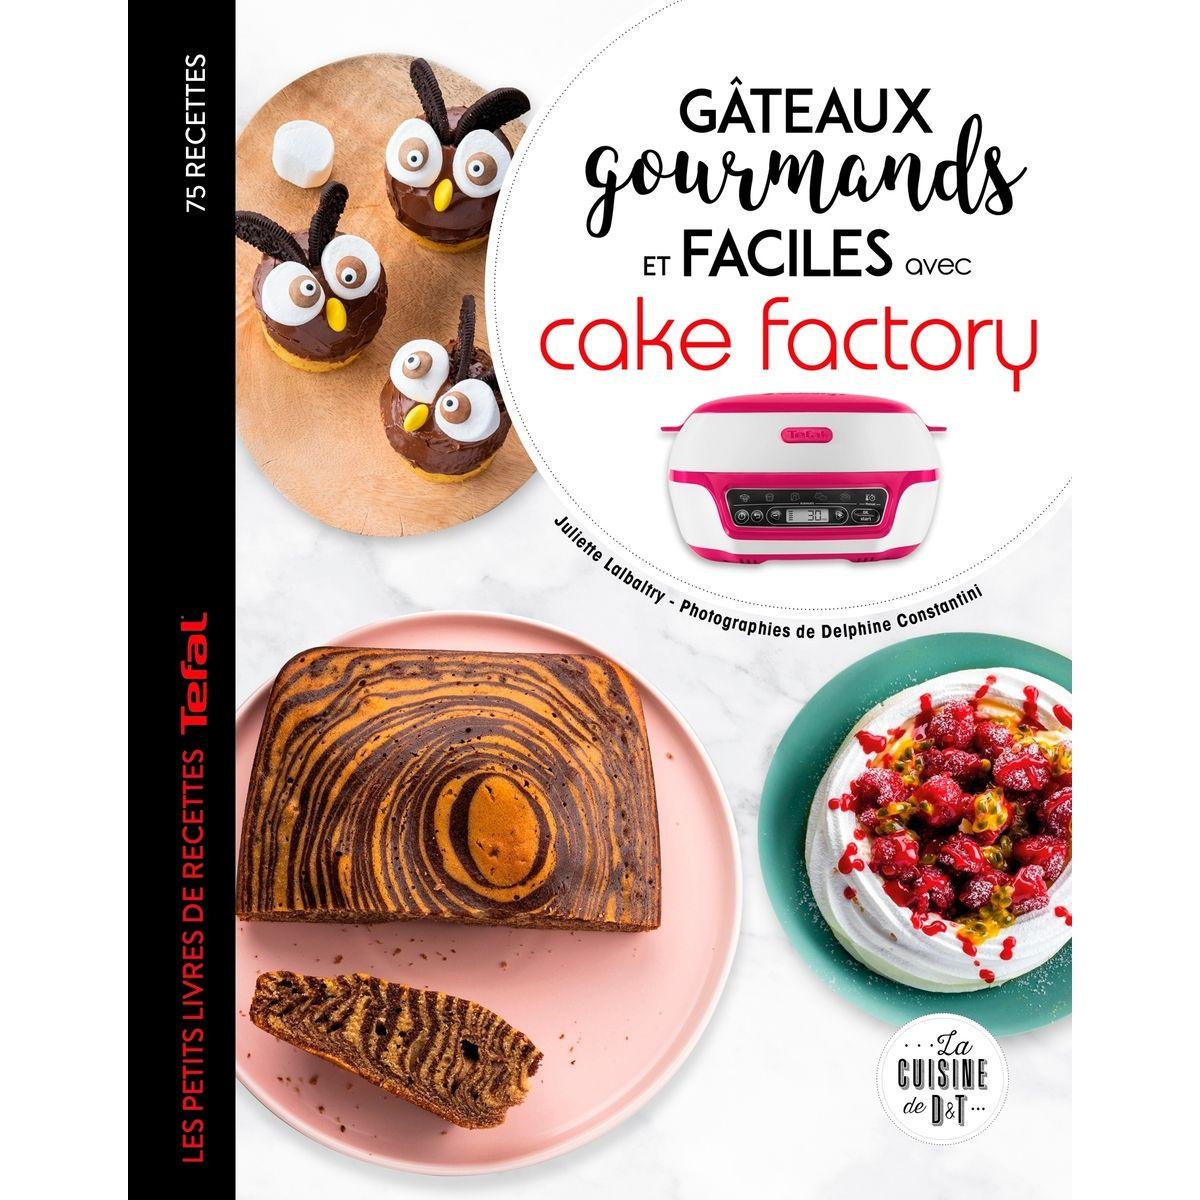 Gâteaux gourmands et faciles avec cake factory - Larousse